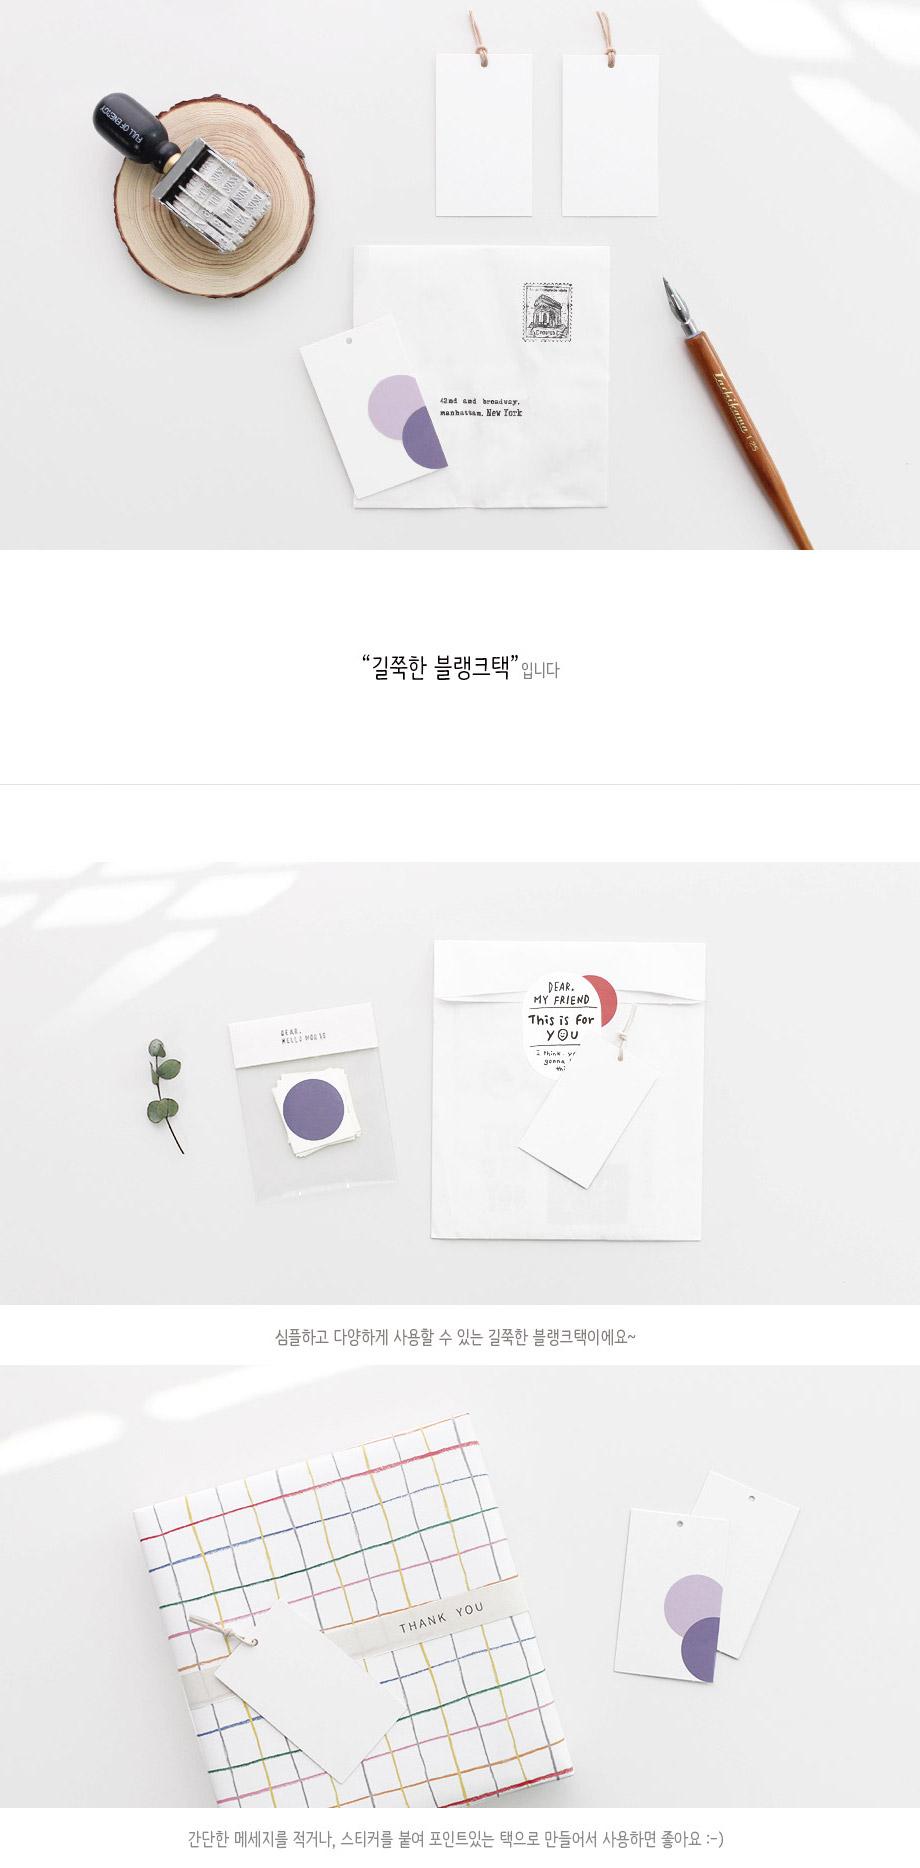 길쭉한 블랭크택(20개) - 헬로우모리스, 1,000원, 리본/포장소품, 타이/택